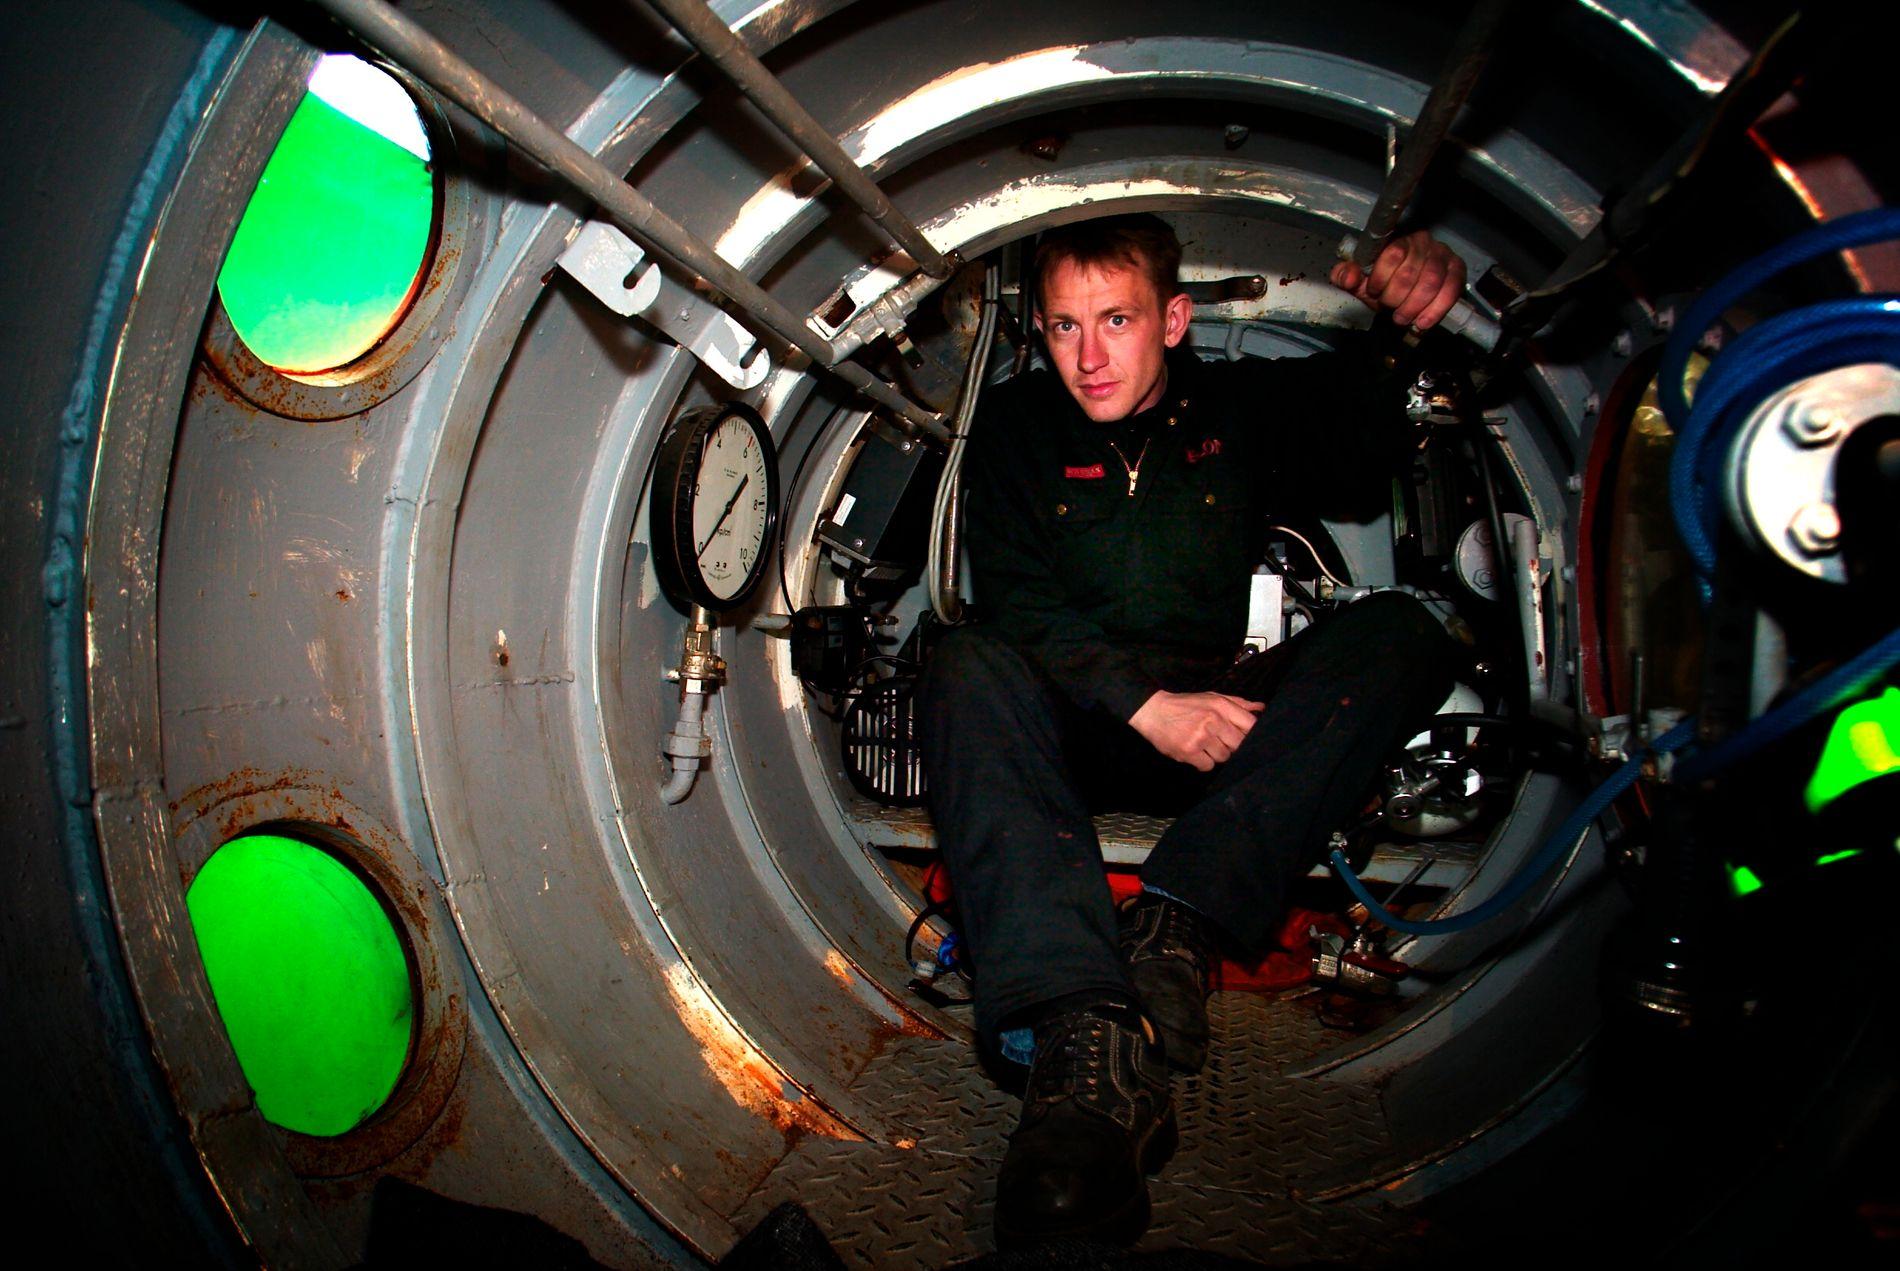 SKAL VÆRE SKADET: Ifølge den danske avisen er den drapsdømte ubåtbyggeren overfalt i fengselet. Her avbildet i ubåten Nautilus i april 2004.